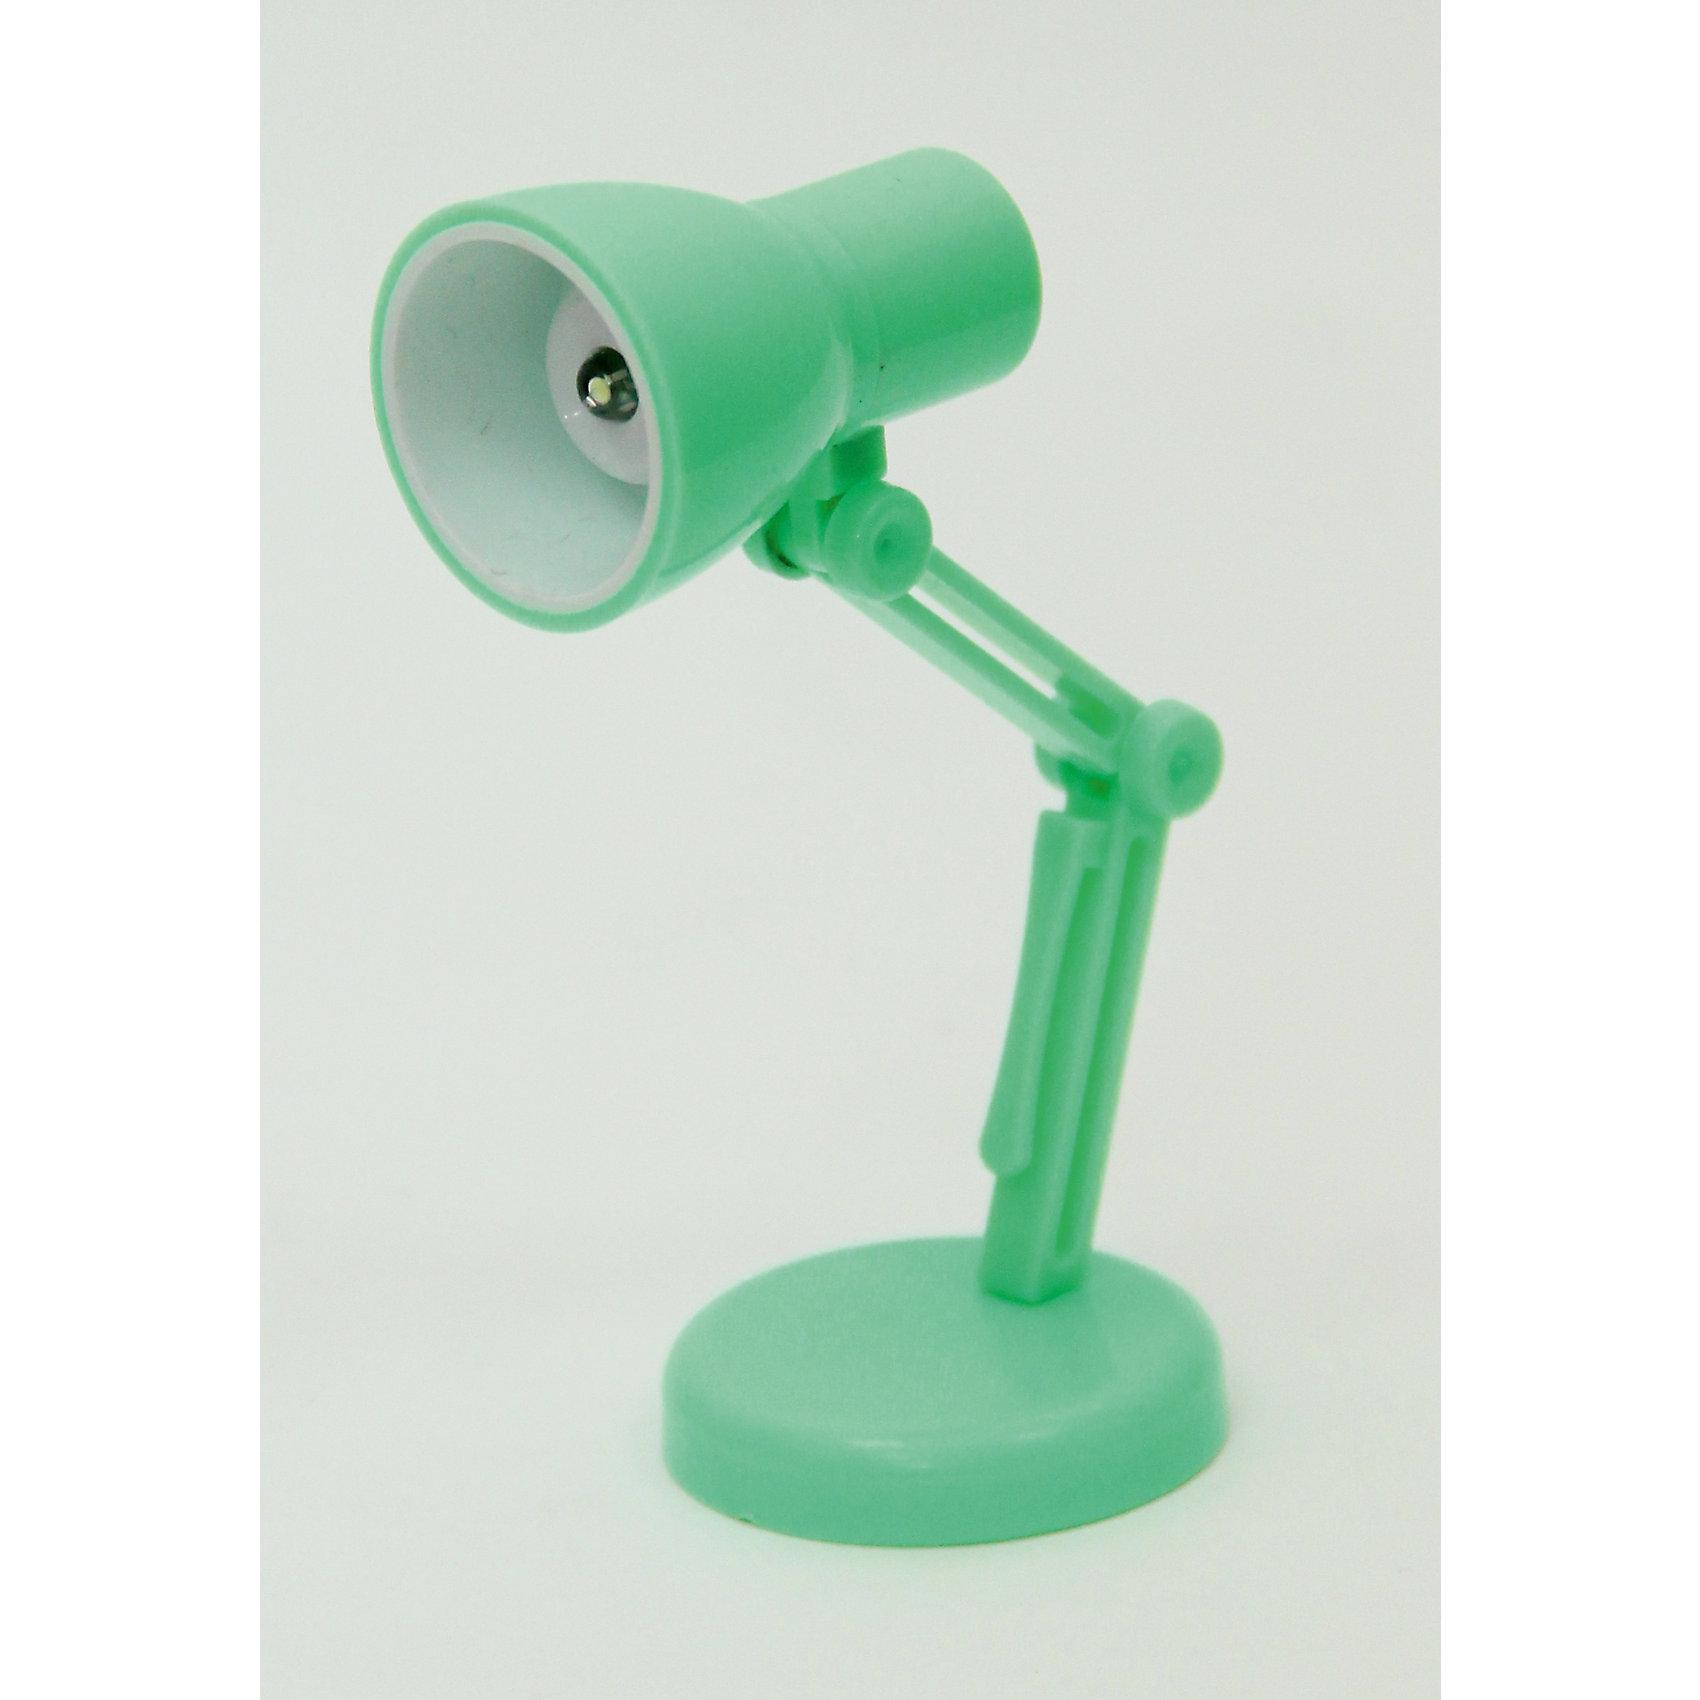 Фонарь портативный Минилампа зеленая электрический со светодиодной лампой, Феникс-ПрезентЛампы, ночники, фонарики<br>Фонарь портативный Минилампа зеленая электрический со светодиодной лампой, Феникс-Презент<br><br>Характеристики:<br><br>• компактный фонарик со светодиодной лампой<br>• размер: 12х4,6 см<br>• корпус из АБС пластика<br>• светодиодная лампа DIA 5 мм<br>• питание: батарейка AG 10 - 3 шт.<br>• цвет: зеленый<br><br>С портативным фонариком Минилампа зеленая вы сможете найти потерянные предметы или даже почитать в темноте. Компактный размер позволяет брать фонарик с собой. При этом светодиодные лампы обладают достаточной мощностью для полноценного освещения. Корпус изделия изготовлен из ударопрочного пластика. Фонарик выполнен в виде лампы.<br><br>Фонарь портативный Минилампа зеленая электрический со светодиодной лампой, Феникс-Презент можно купить в нашем интернет-магазине.<br><br>Ширина мм: 50<br>Глубина мм: 60<br>Высота мм: 120<br>Вес г: 56<br>Возраст от месяцев: 36<br>Возраст до месяцев: 2147483647<br>Пол: Унисекс<br>Возраст: Детский<br>SKU: 5449684